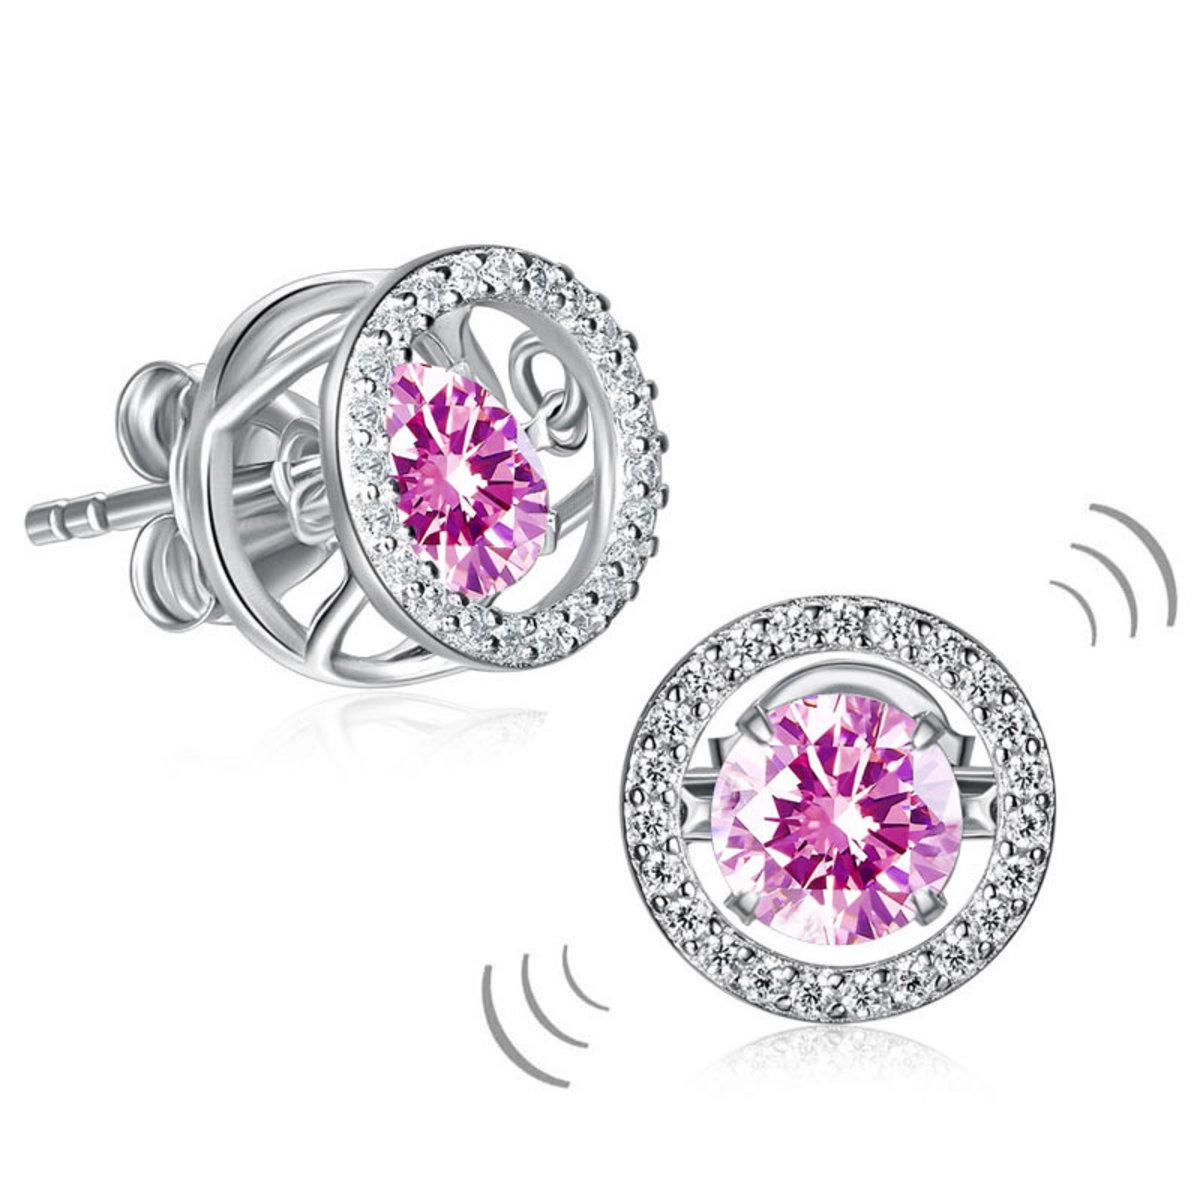 跳動懸浮925純銀 粉紅色仿鑽耳釘耳環